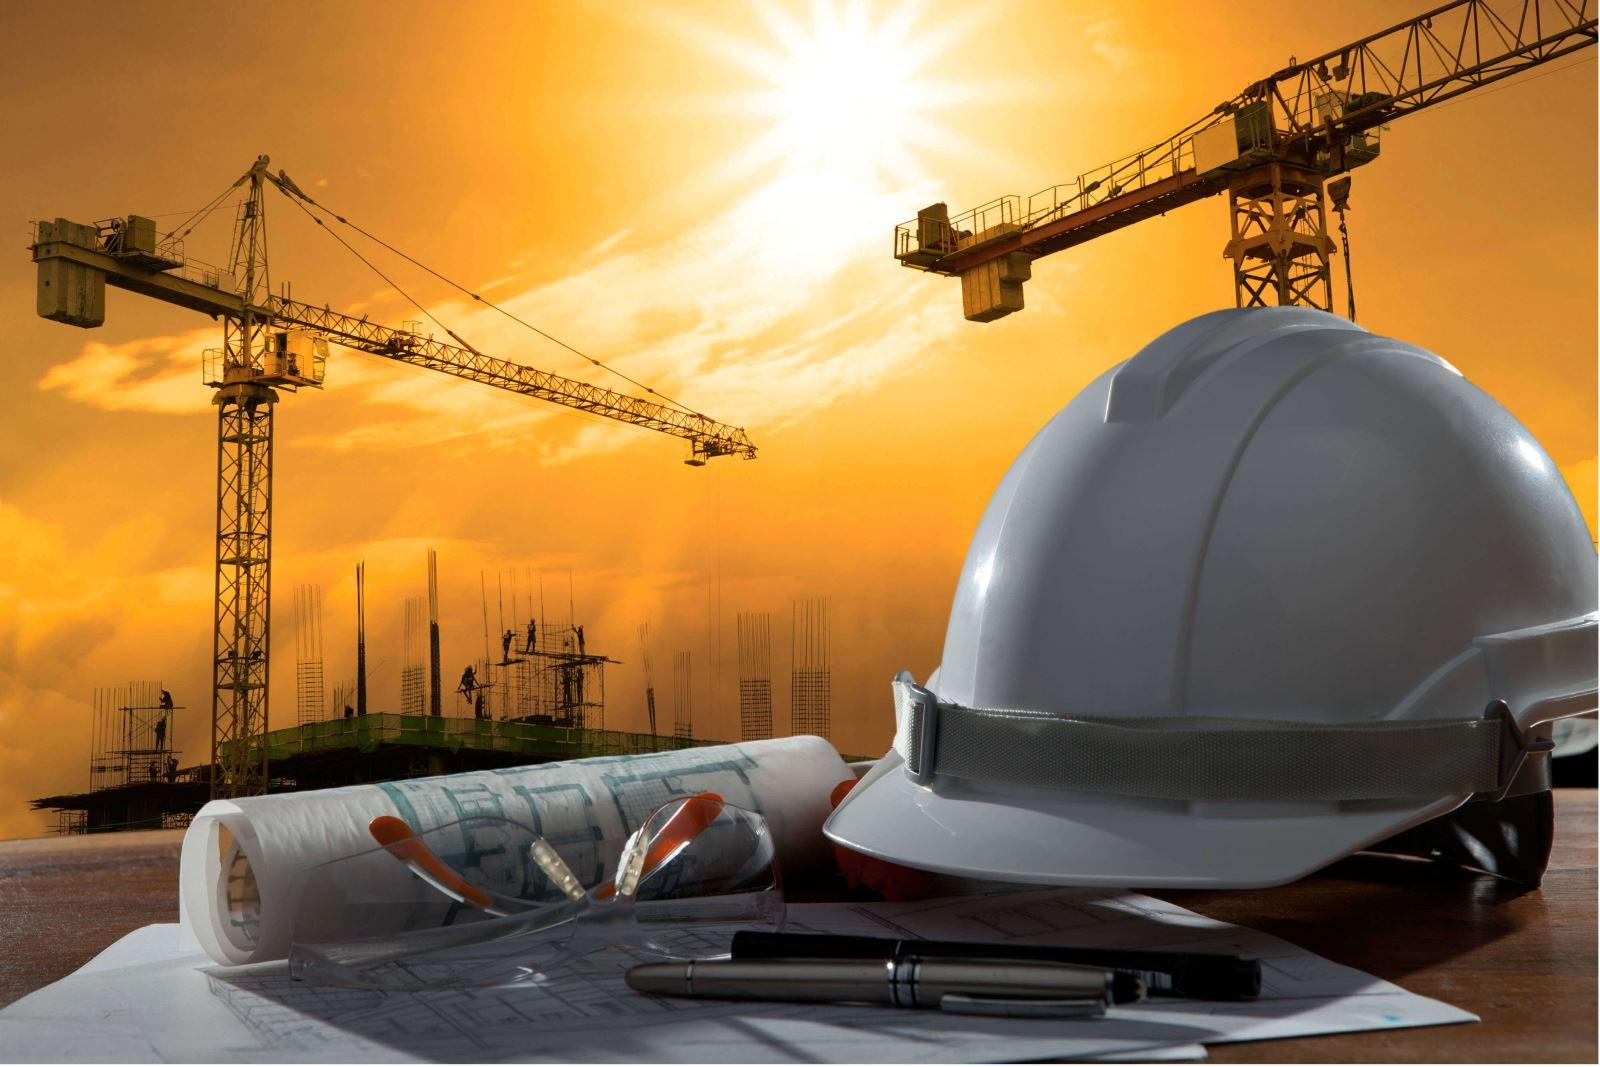 ביטוח אחריות מקצועית למהנדס בניין